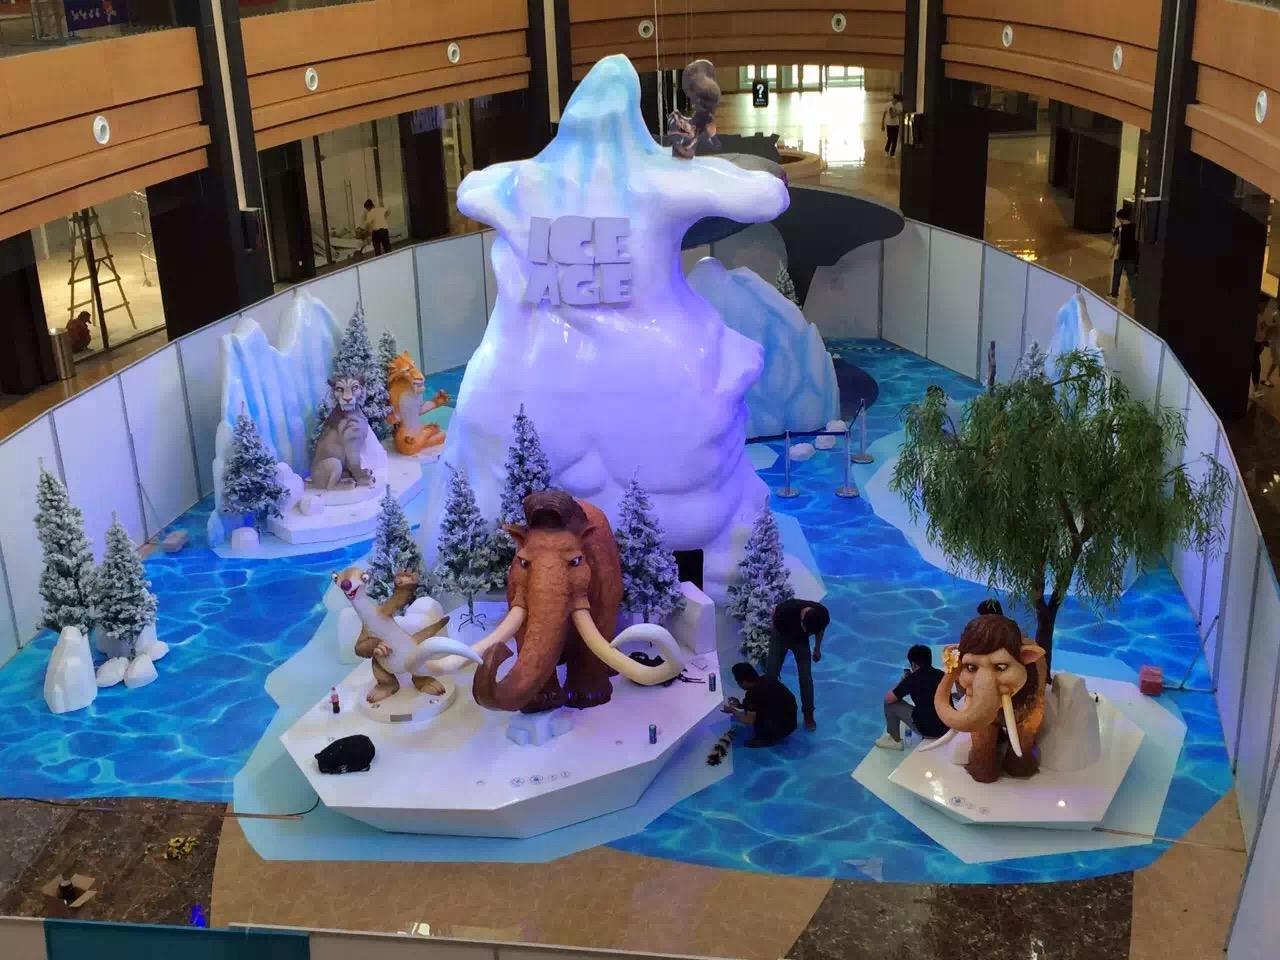 冰川时代主题亚博在线娱乐官网入口亚博体育网页登录